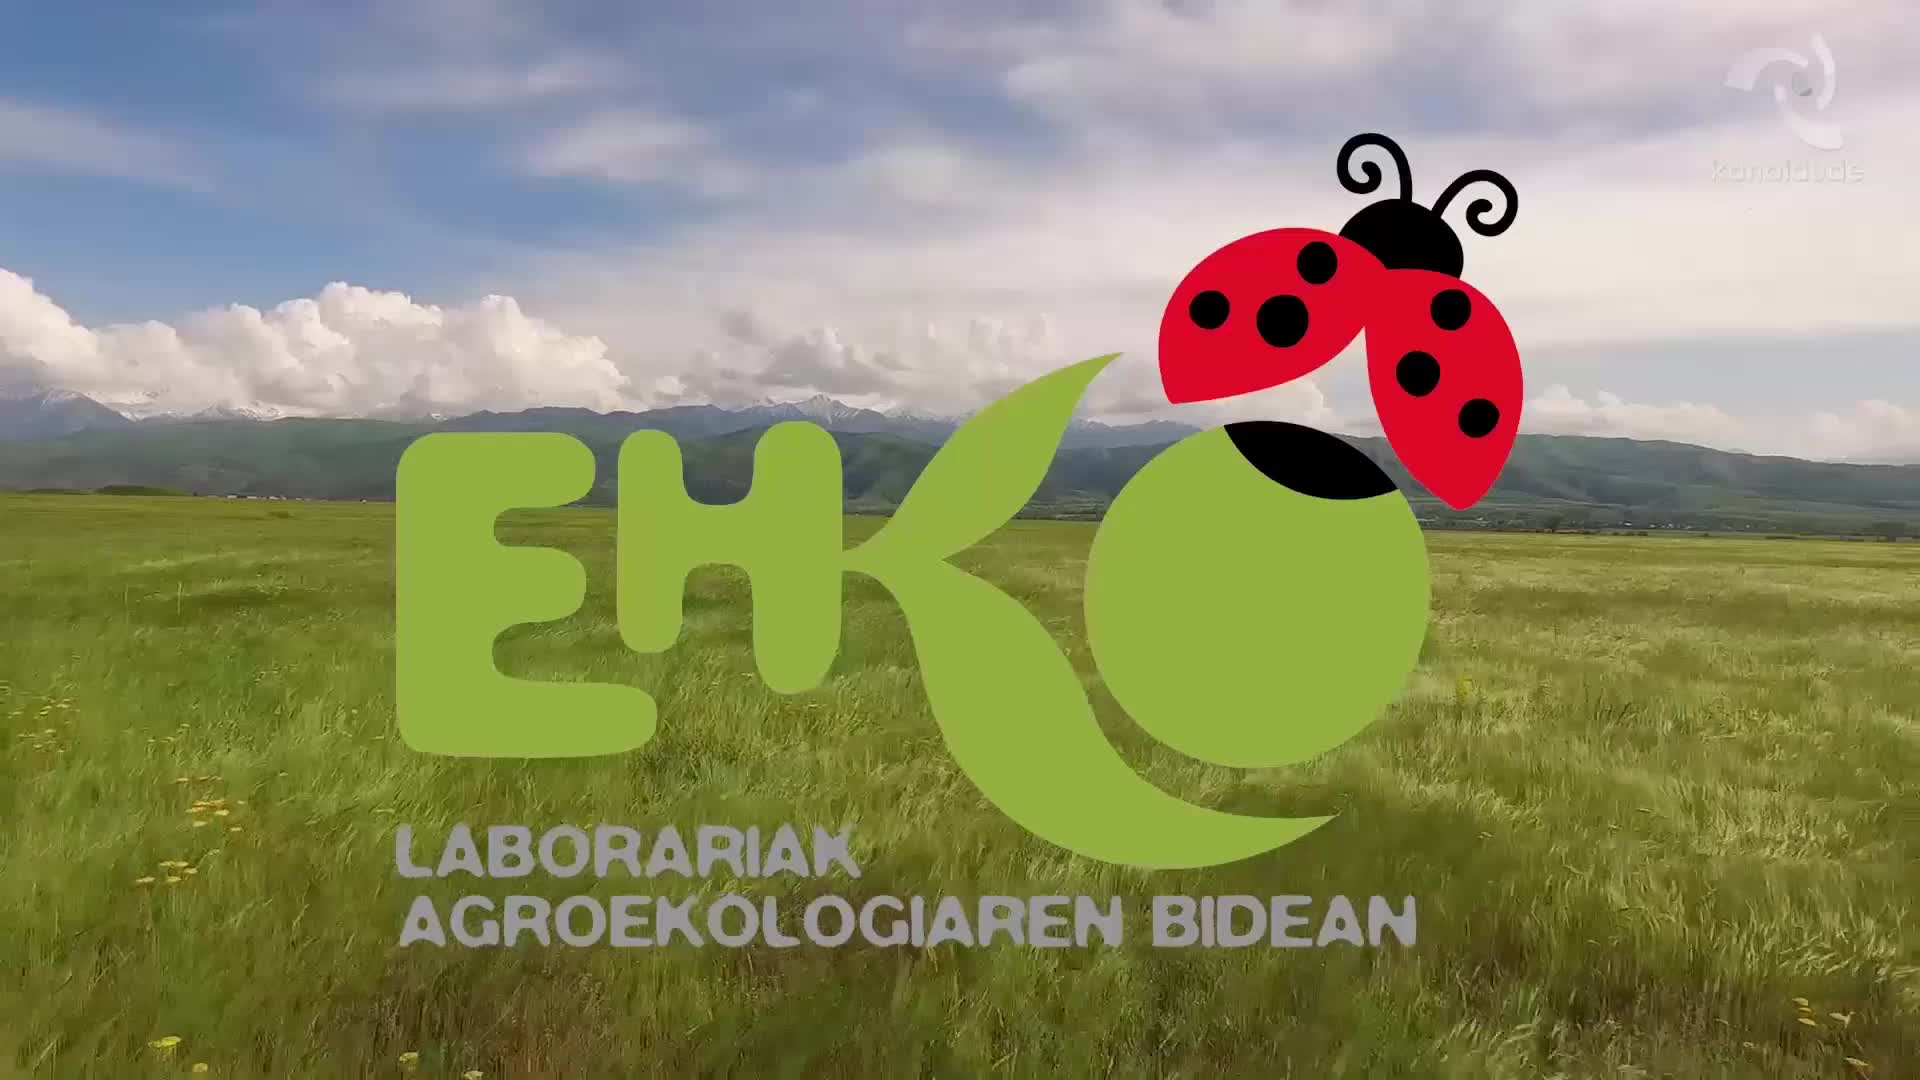 EHKOlektiboa: Laborariak agroekologiaren bidean